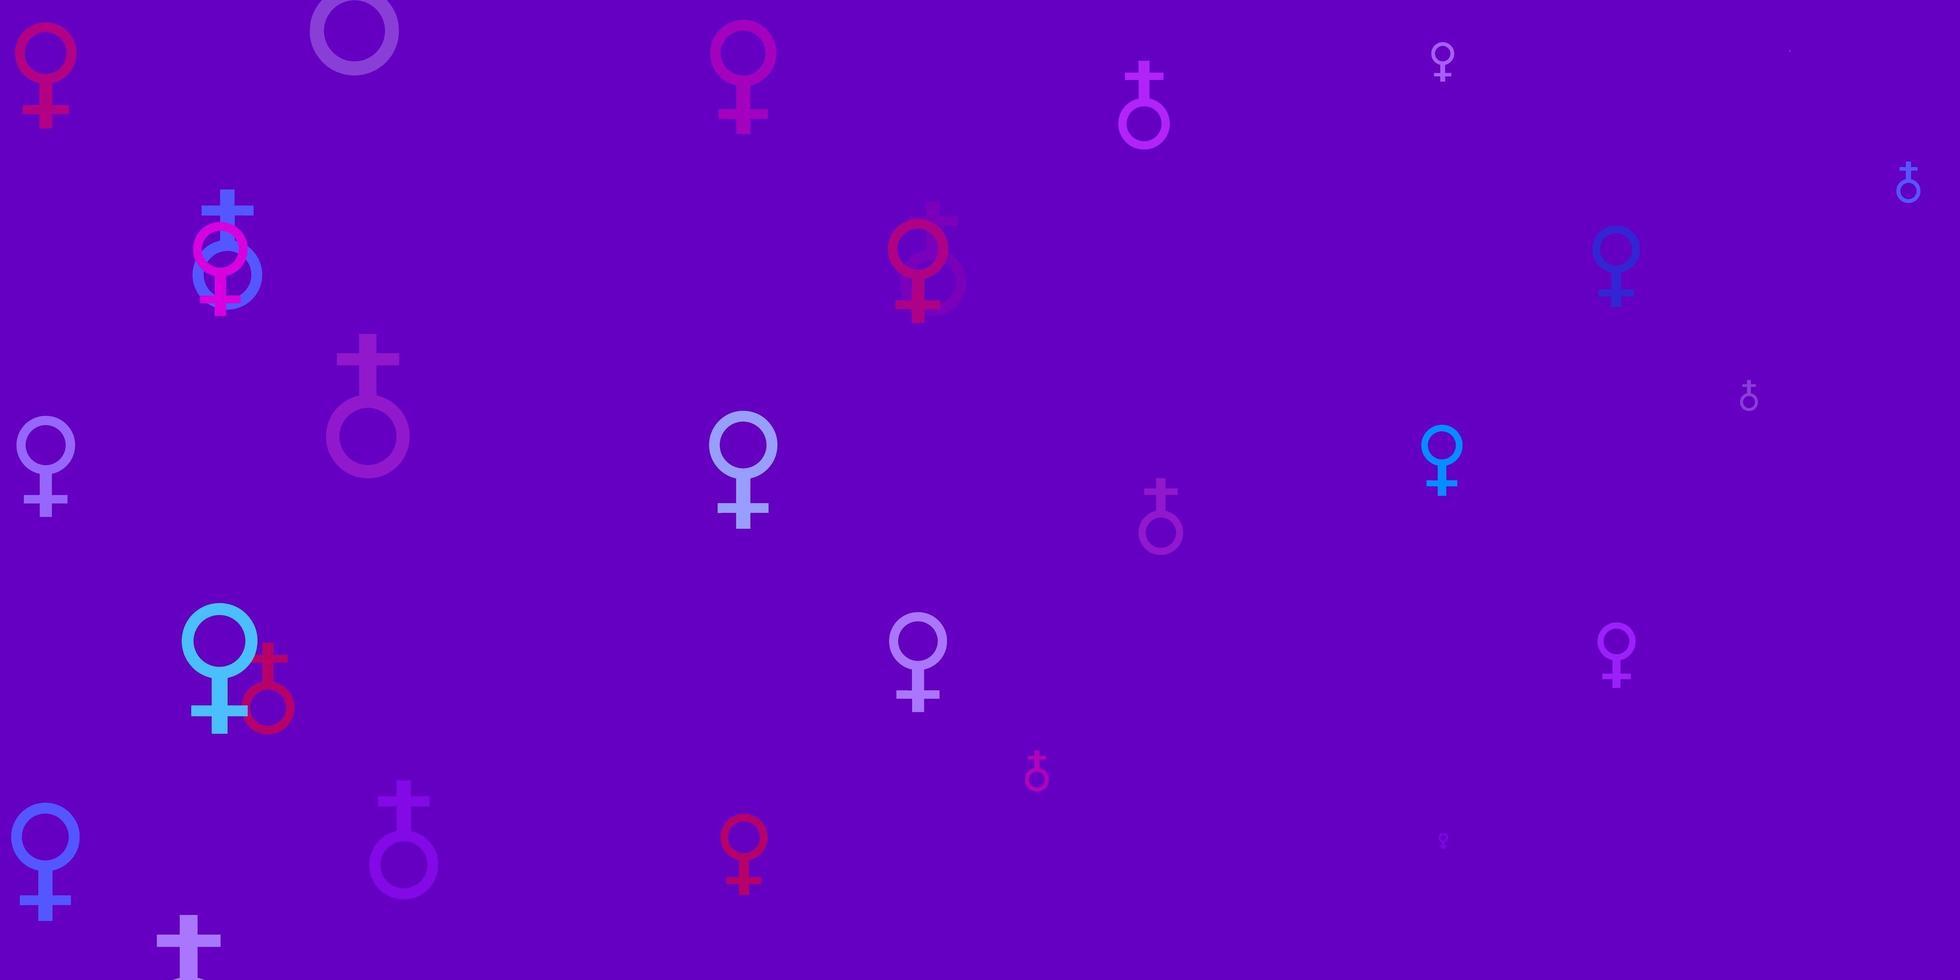 paarse achtergrond met machtssymbolen van de vrouw. vector